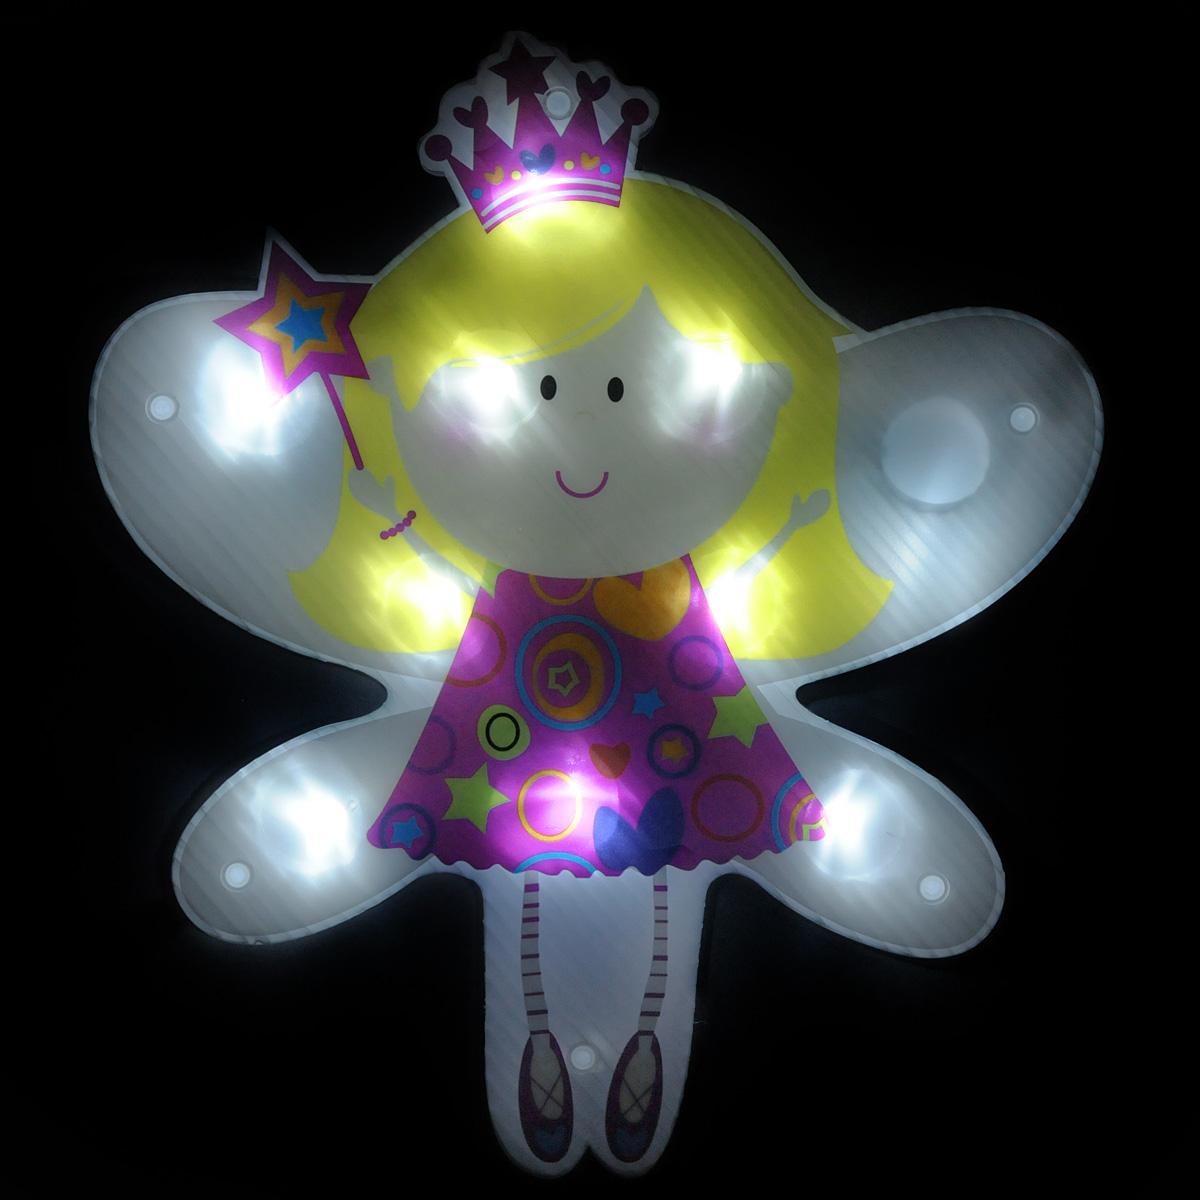 Светильник Lunten Ranta Ангел, 25 см х 29 см63599Светильник Lunten Ranta Ангел выполнен из высококачественного пластика. Особенностью данной фигурки является наличие светодиодного устройства, благодаря которому украшение светится. Светильник оснащен силиконовой присоской для крепления к стеклу. Такой оригинальный светильник оформит интерьер вашего дома или офиса в преддверии Нового года. Оригинальный дизайн и красочное исполнение создадут праздничное настроение. Кроме того, это отличный вариант подарка для ваших близких и друзей. УВАЖАЕМЫЕ КЛИЕНТЫ! Светильник работает от 3-х батареек типа ААА. Батарейки входят в комплект.